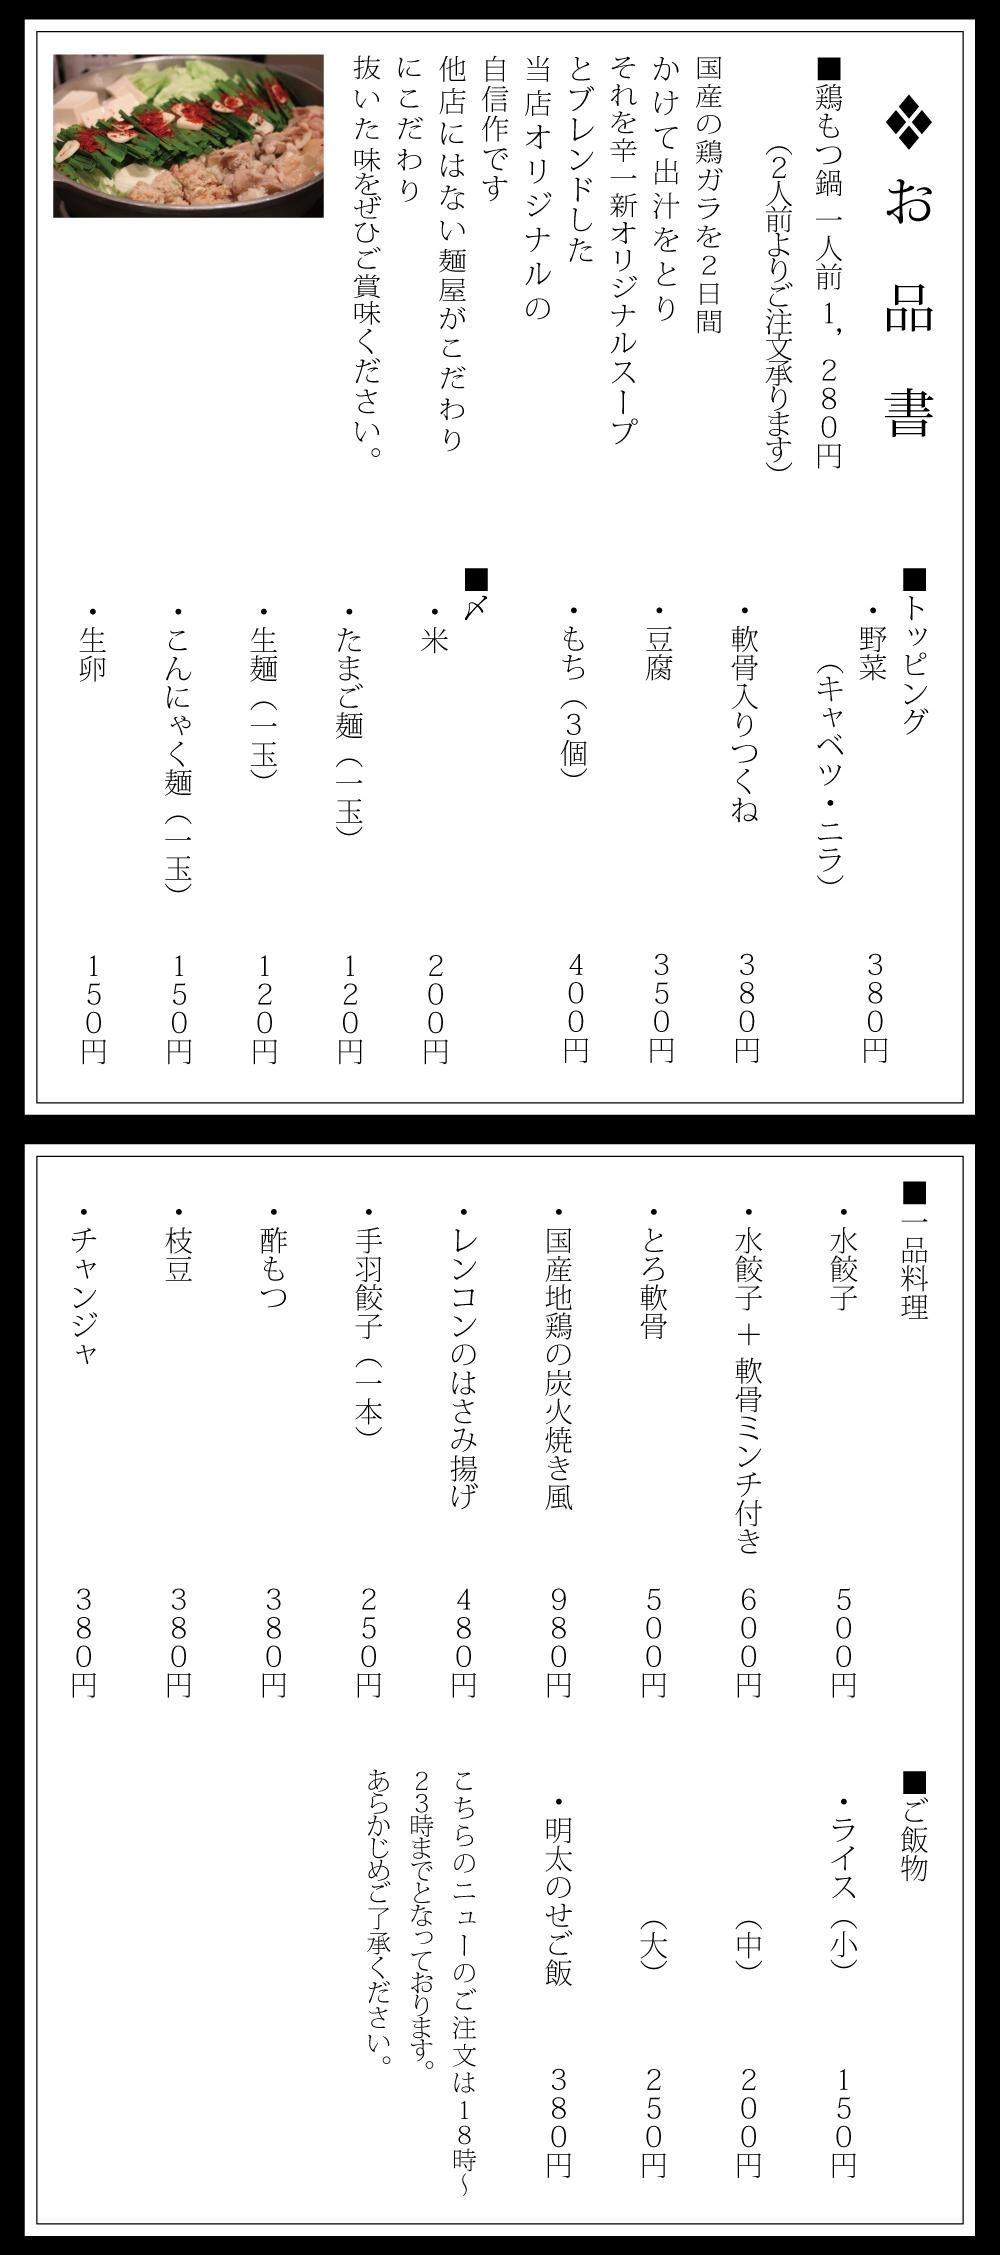 kaishinmotsu4